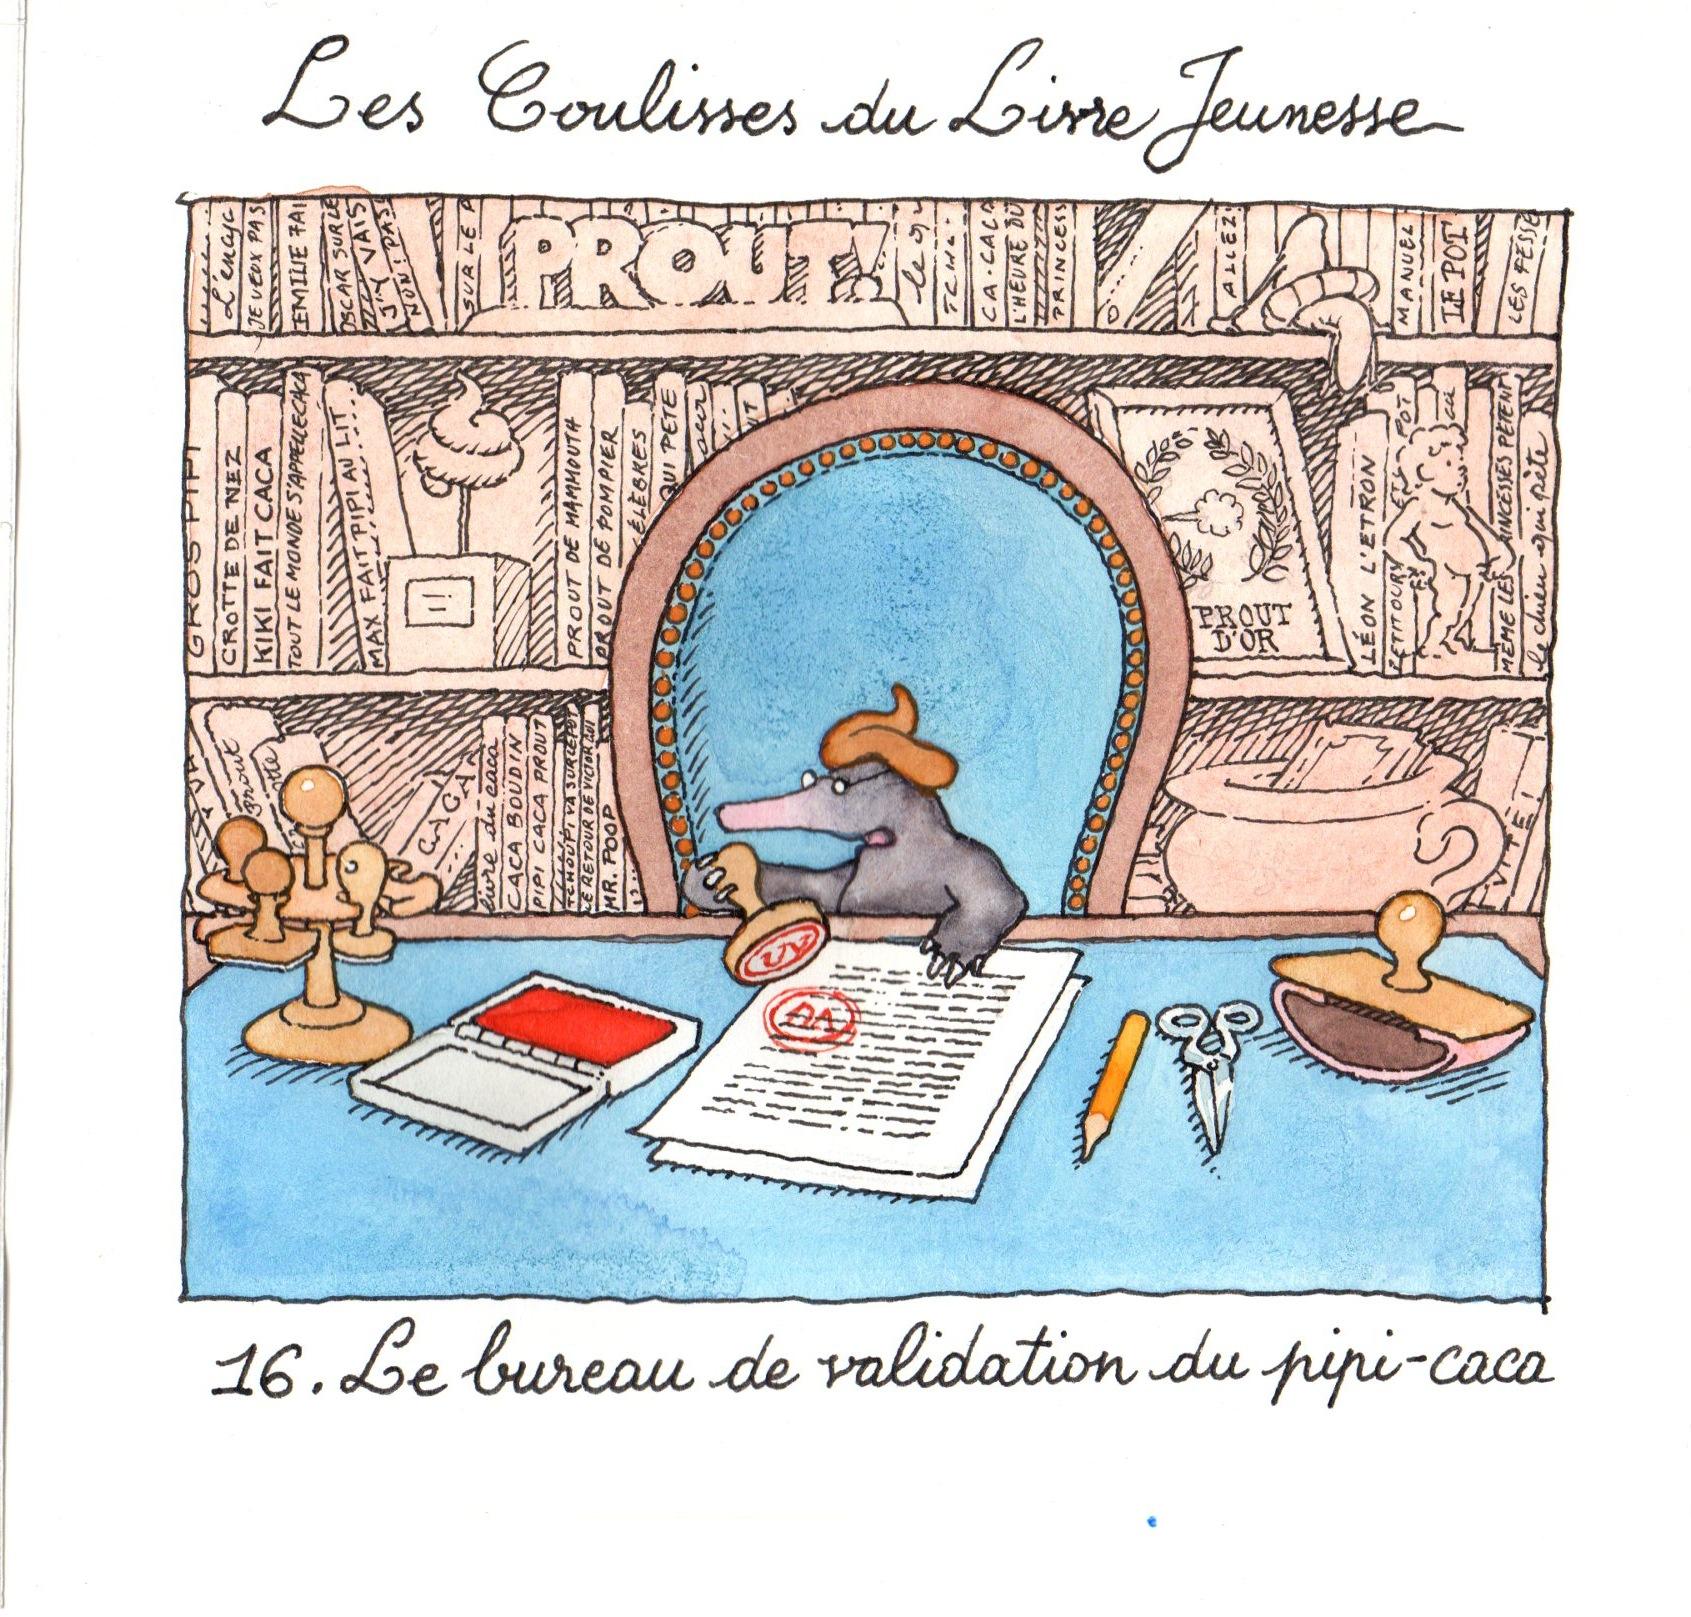 Le bureau de validation du pipi-caca | Le bureau de validation du pipi-caca - Les Coulisses du Livre Jeunesse | Gilles Bachelet